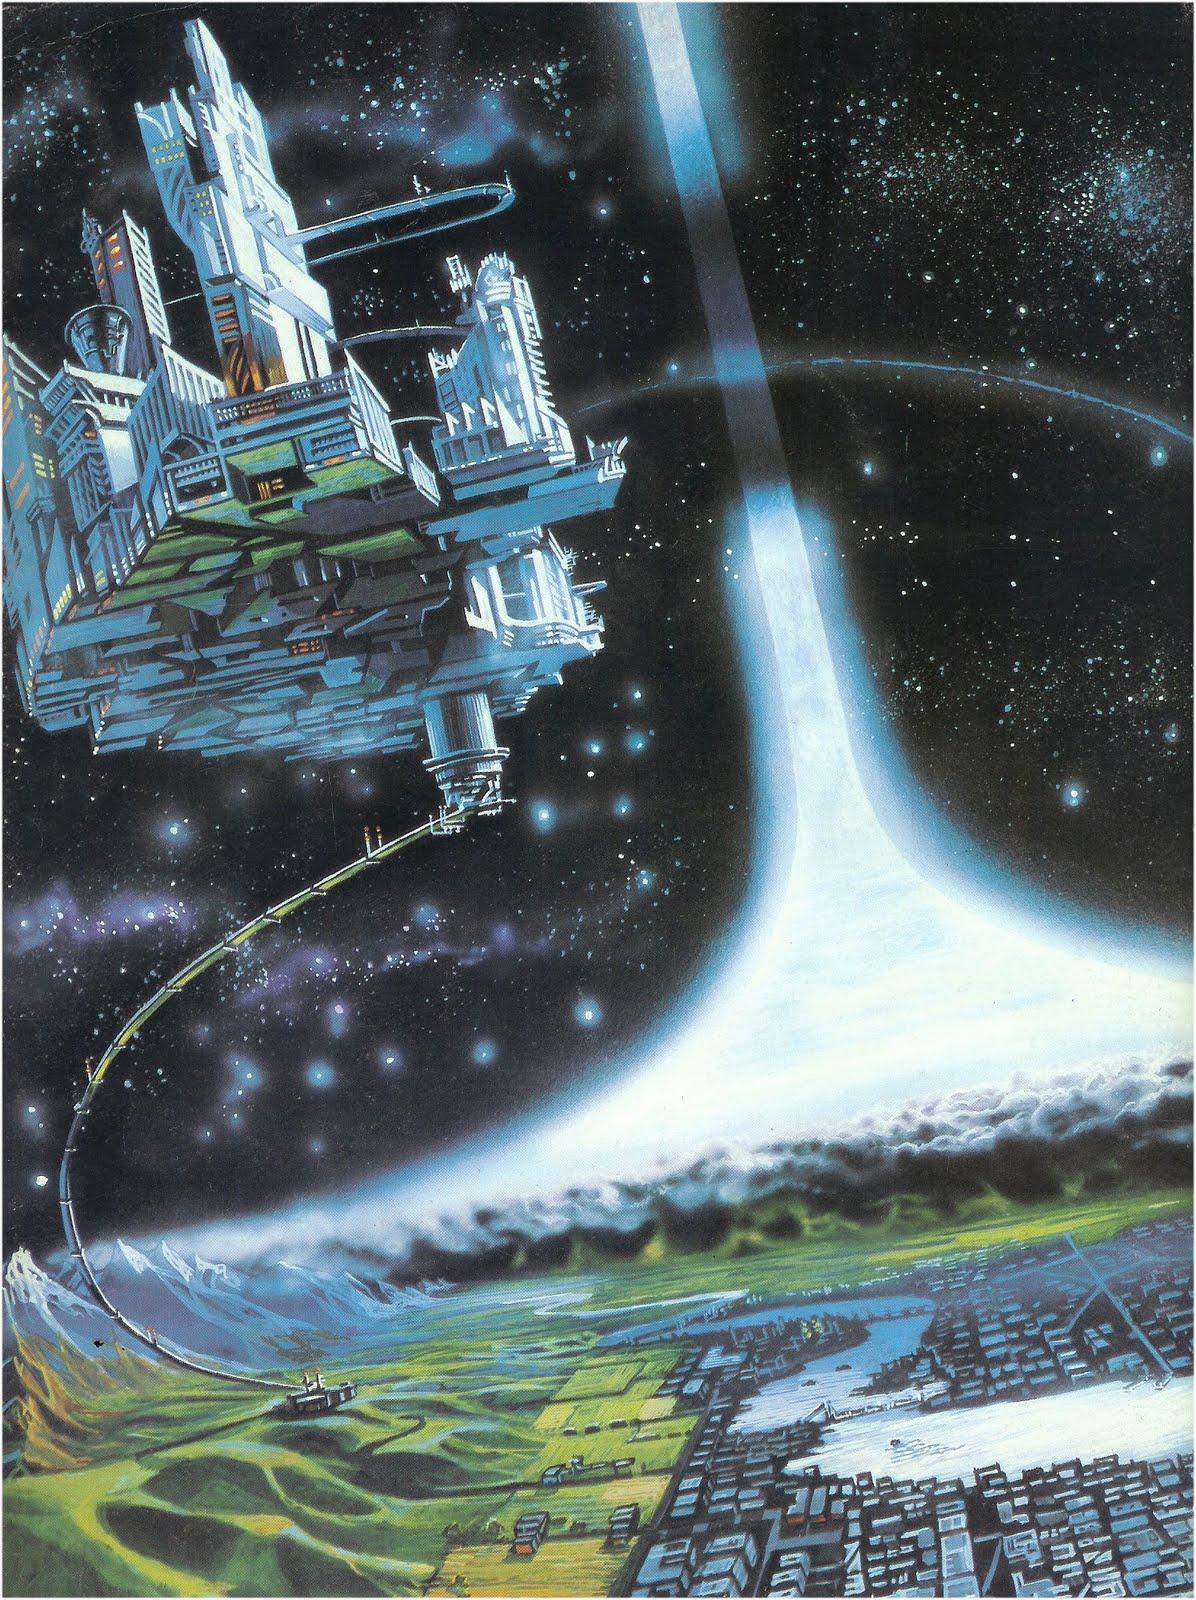 легендарный «Мир-кольцо» Ларри Нивена - Изображение 5